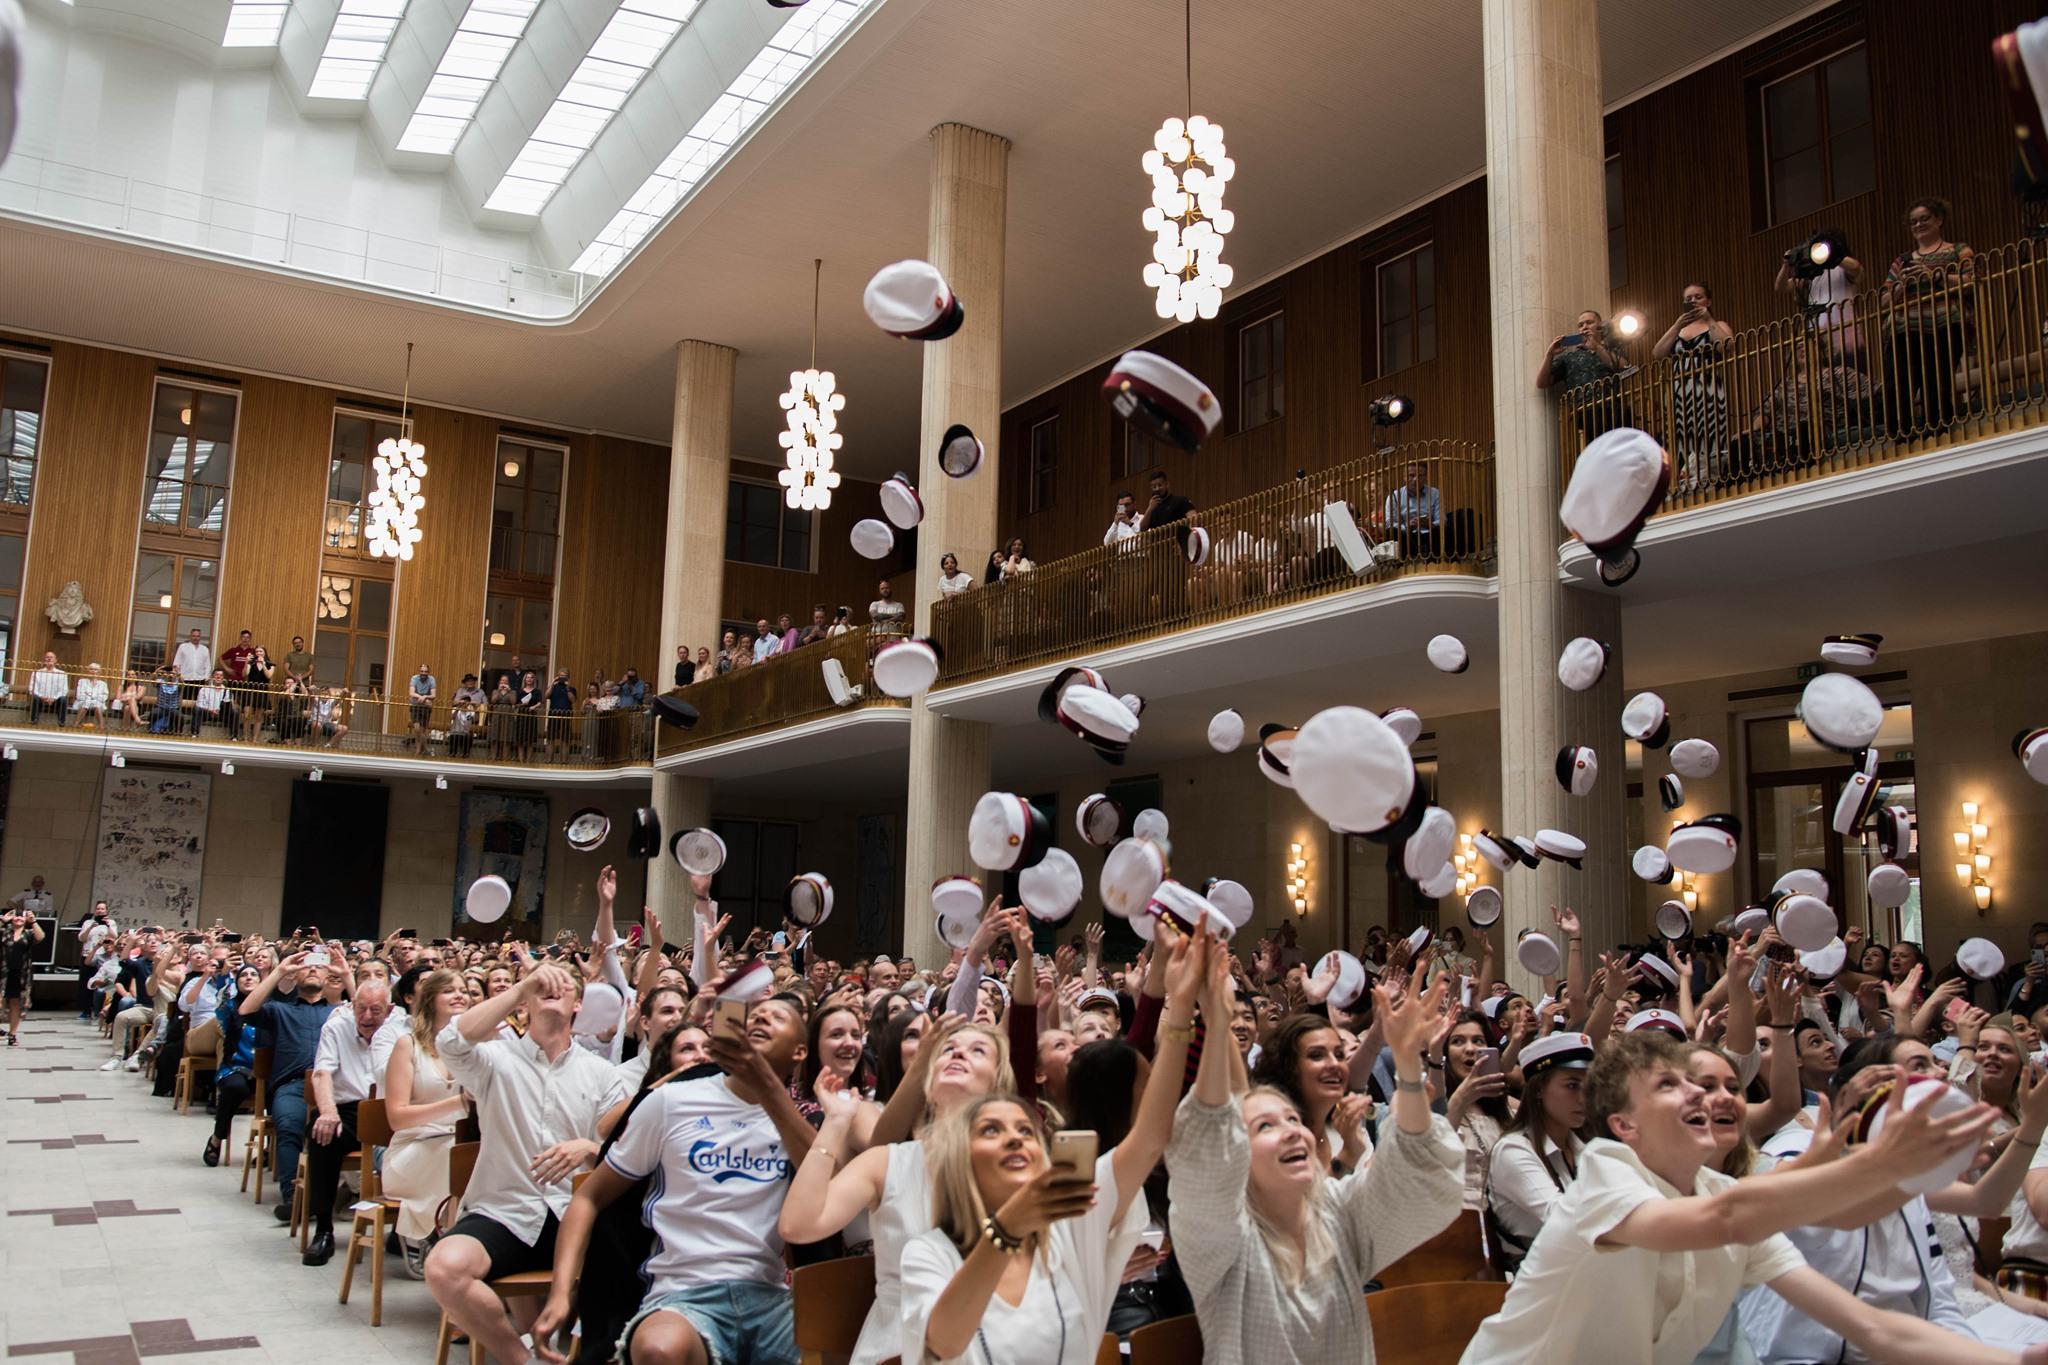 Foto af studenterne i Frederiksberg Rådhus festsal til translokation. De kaster studenterhuerne op i luften.